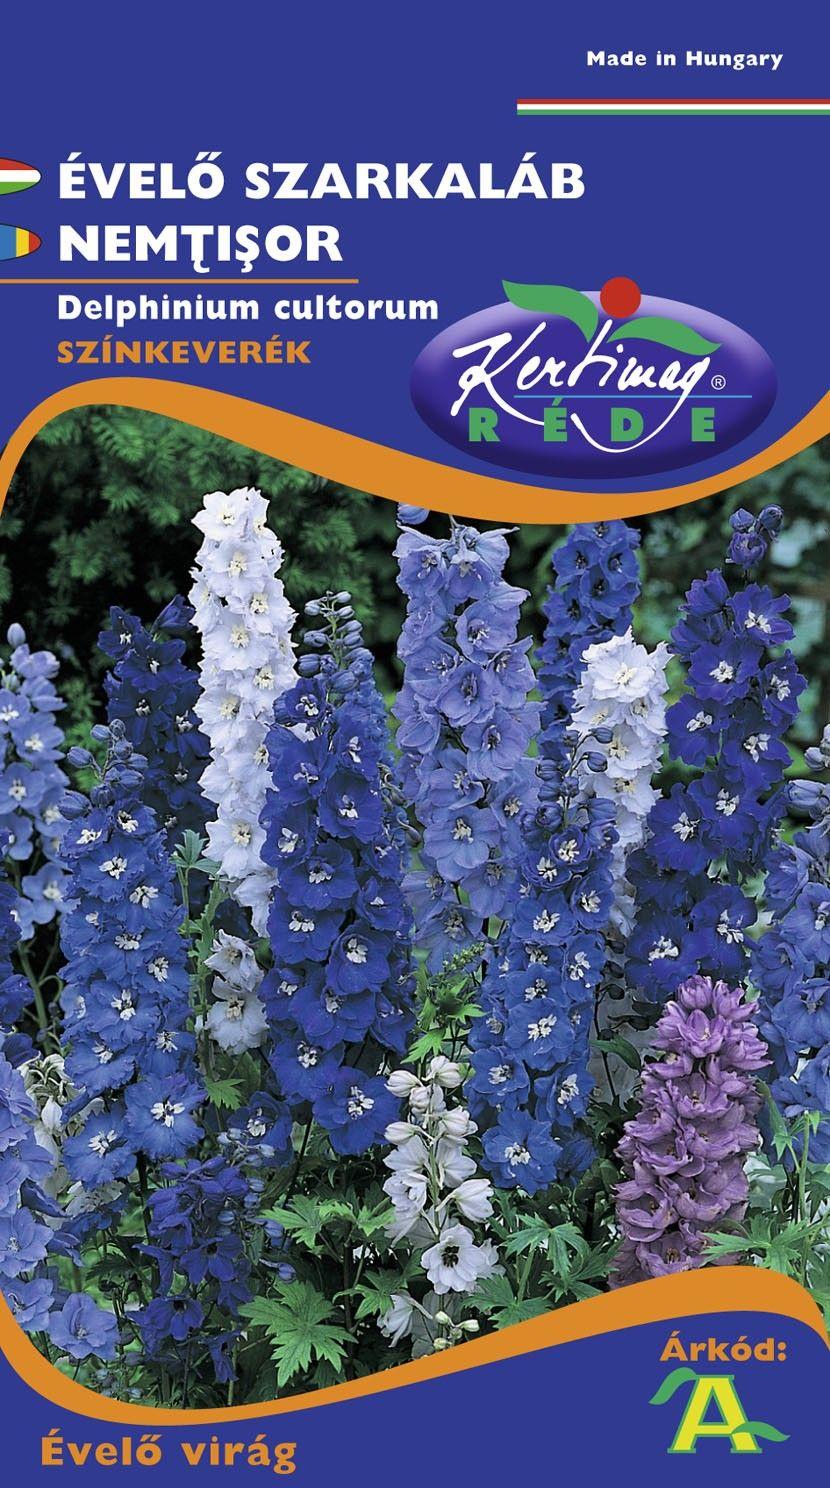 Seminte de Nemtisor mix - KM - Delphinium cultorum